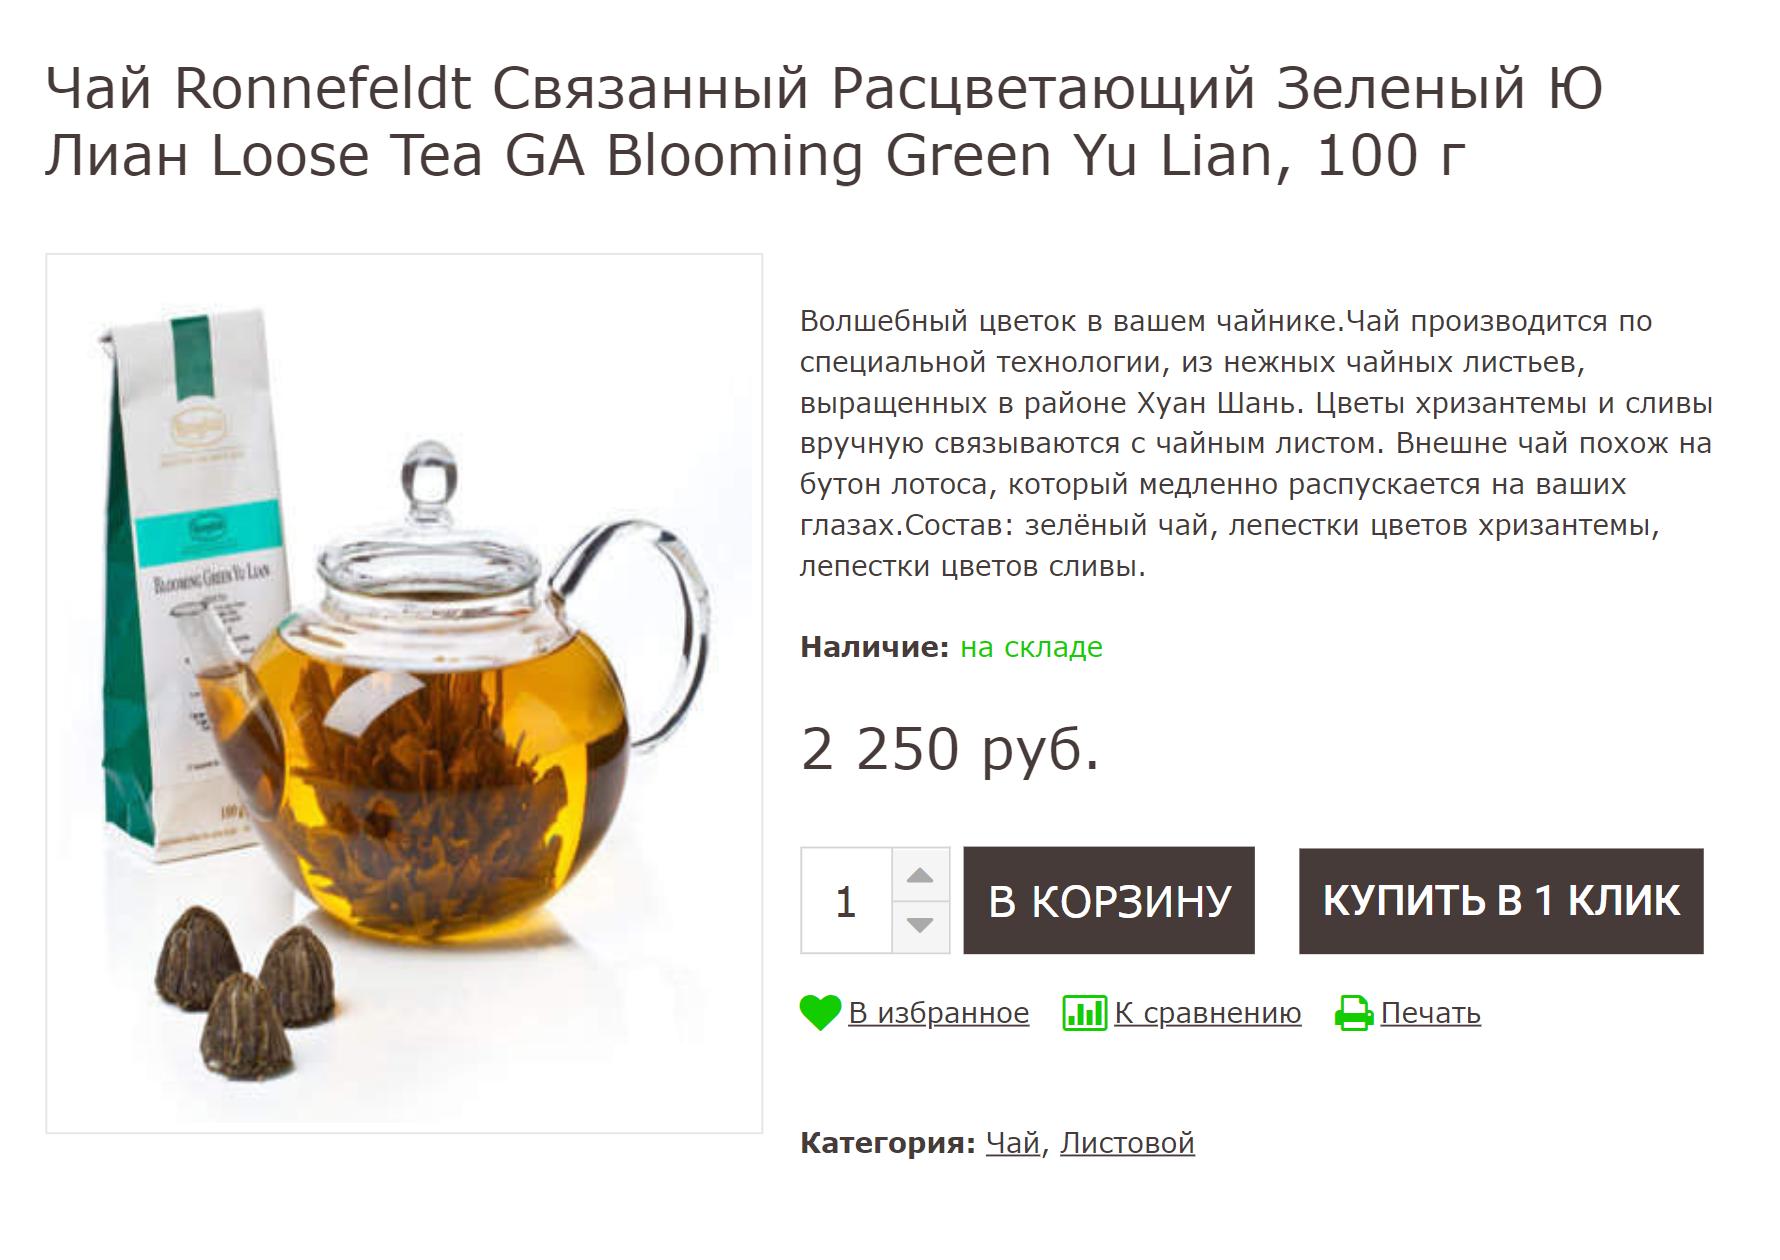 «Расцветающий» чай до&nbsp;и&nbsp;после заварки. На&nbsp;сайте продавца про&nbsp;сорт ничего не&nbsp;сказано — только что&nbsp;чай зеленый. При&nbsp;этом цена — 2250&nbsp;<span class=ruble>Р</span> за&nbsp;100&nbsp;г, как за&nbsp;превосходный китайский чай. Источник: prokofef.ru